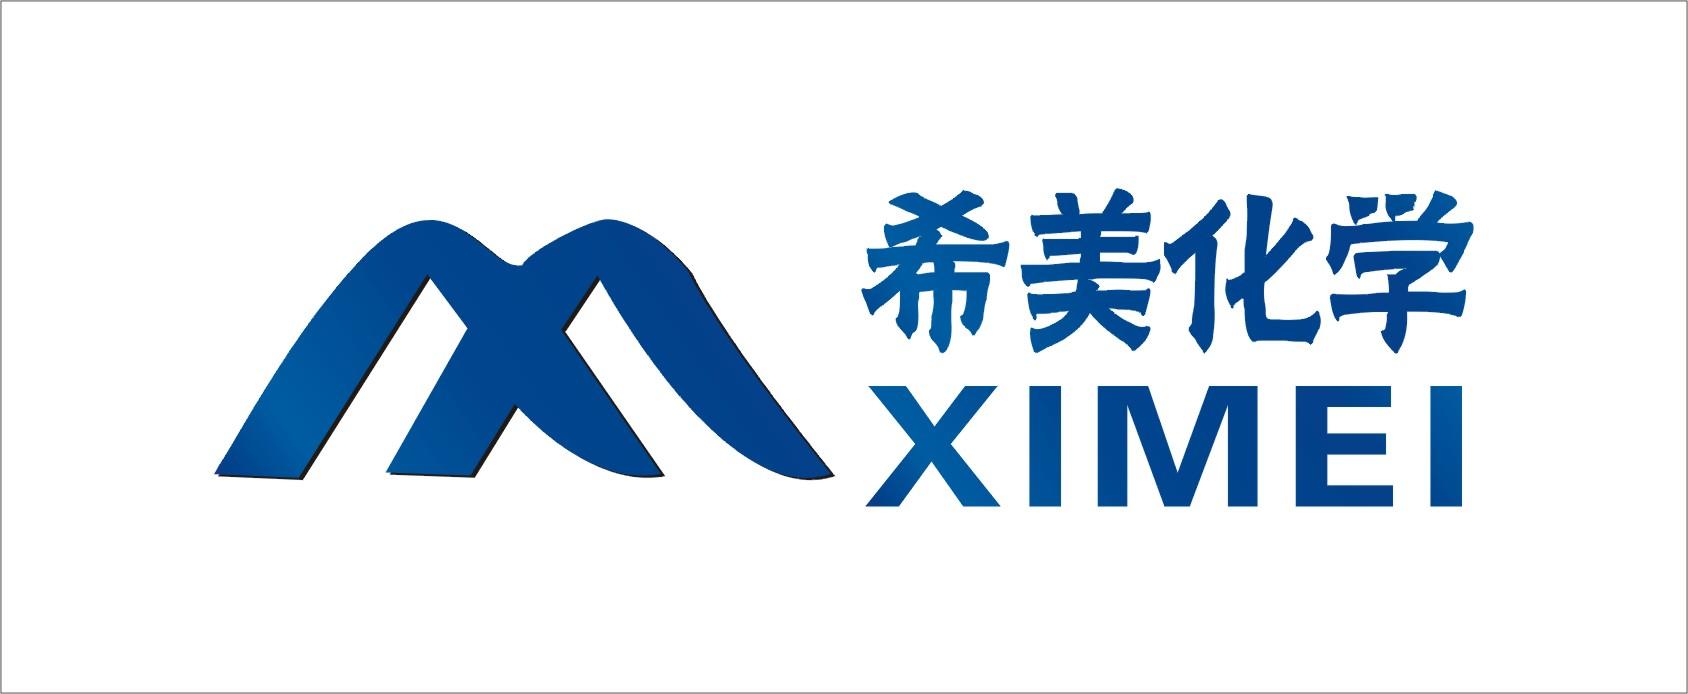 上海希美化学有限公司